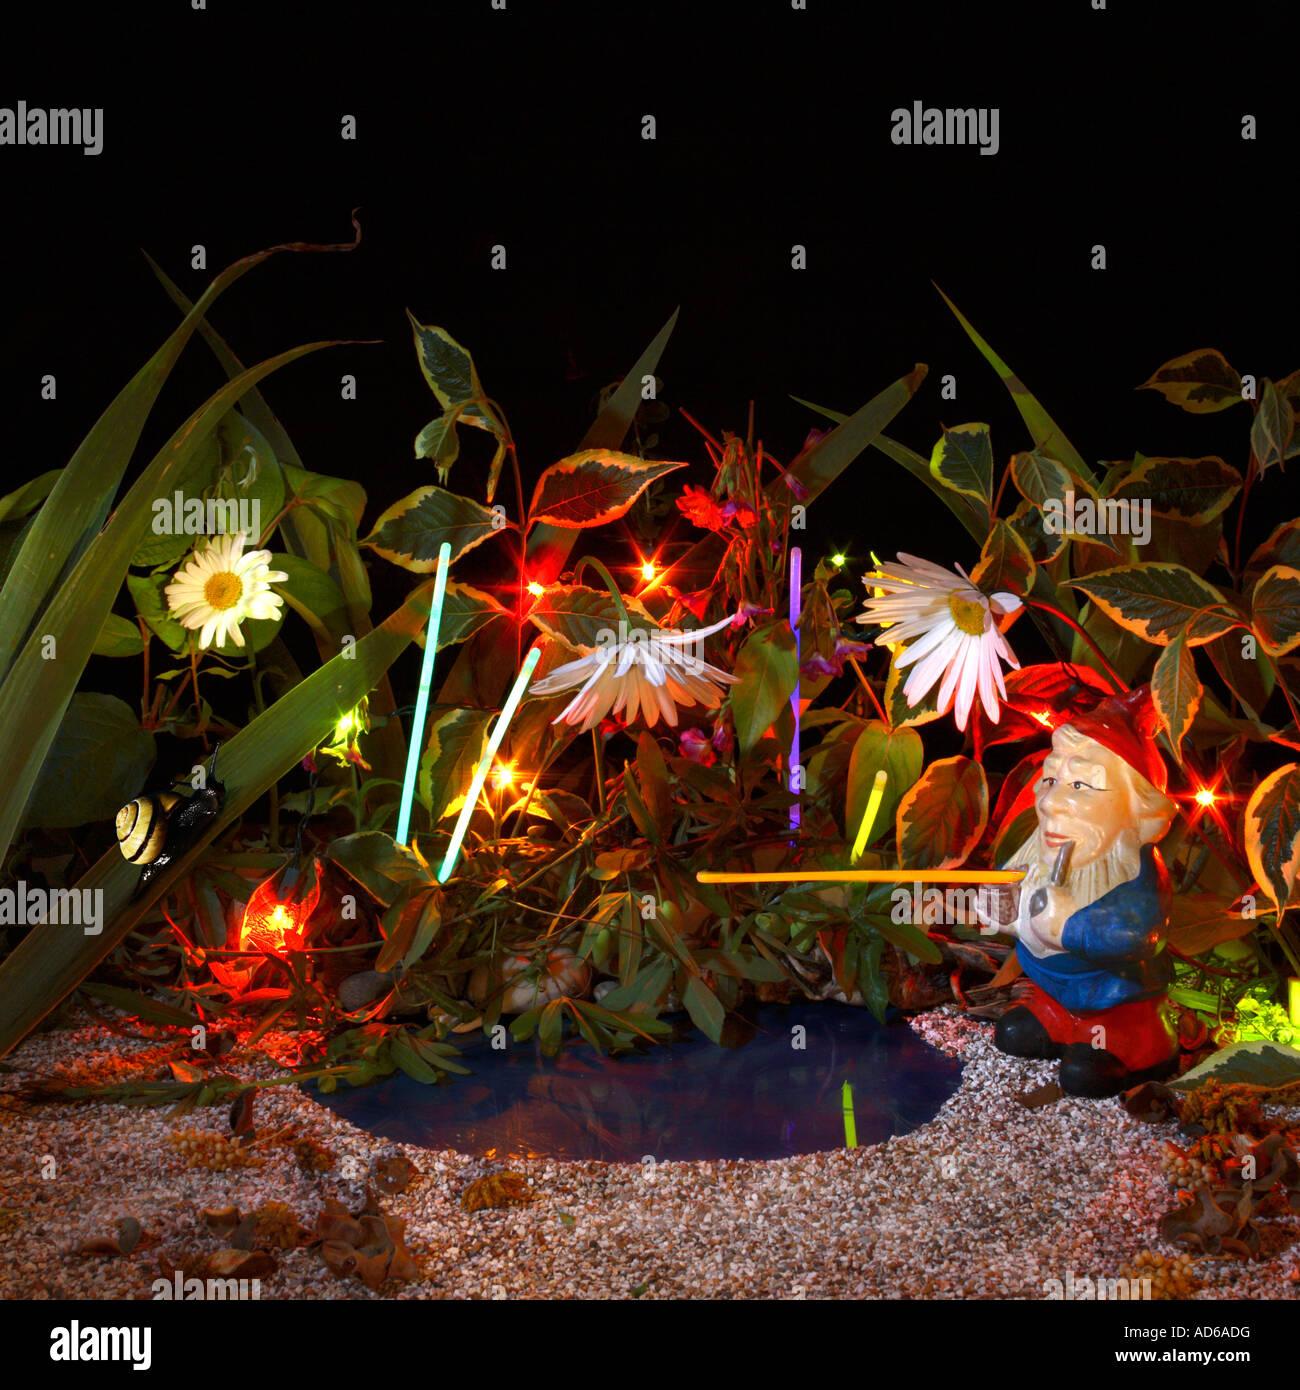 Fantasy Midnight Garden. - Stock Image